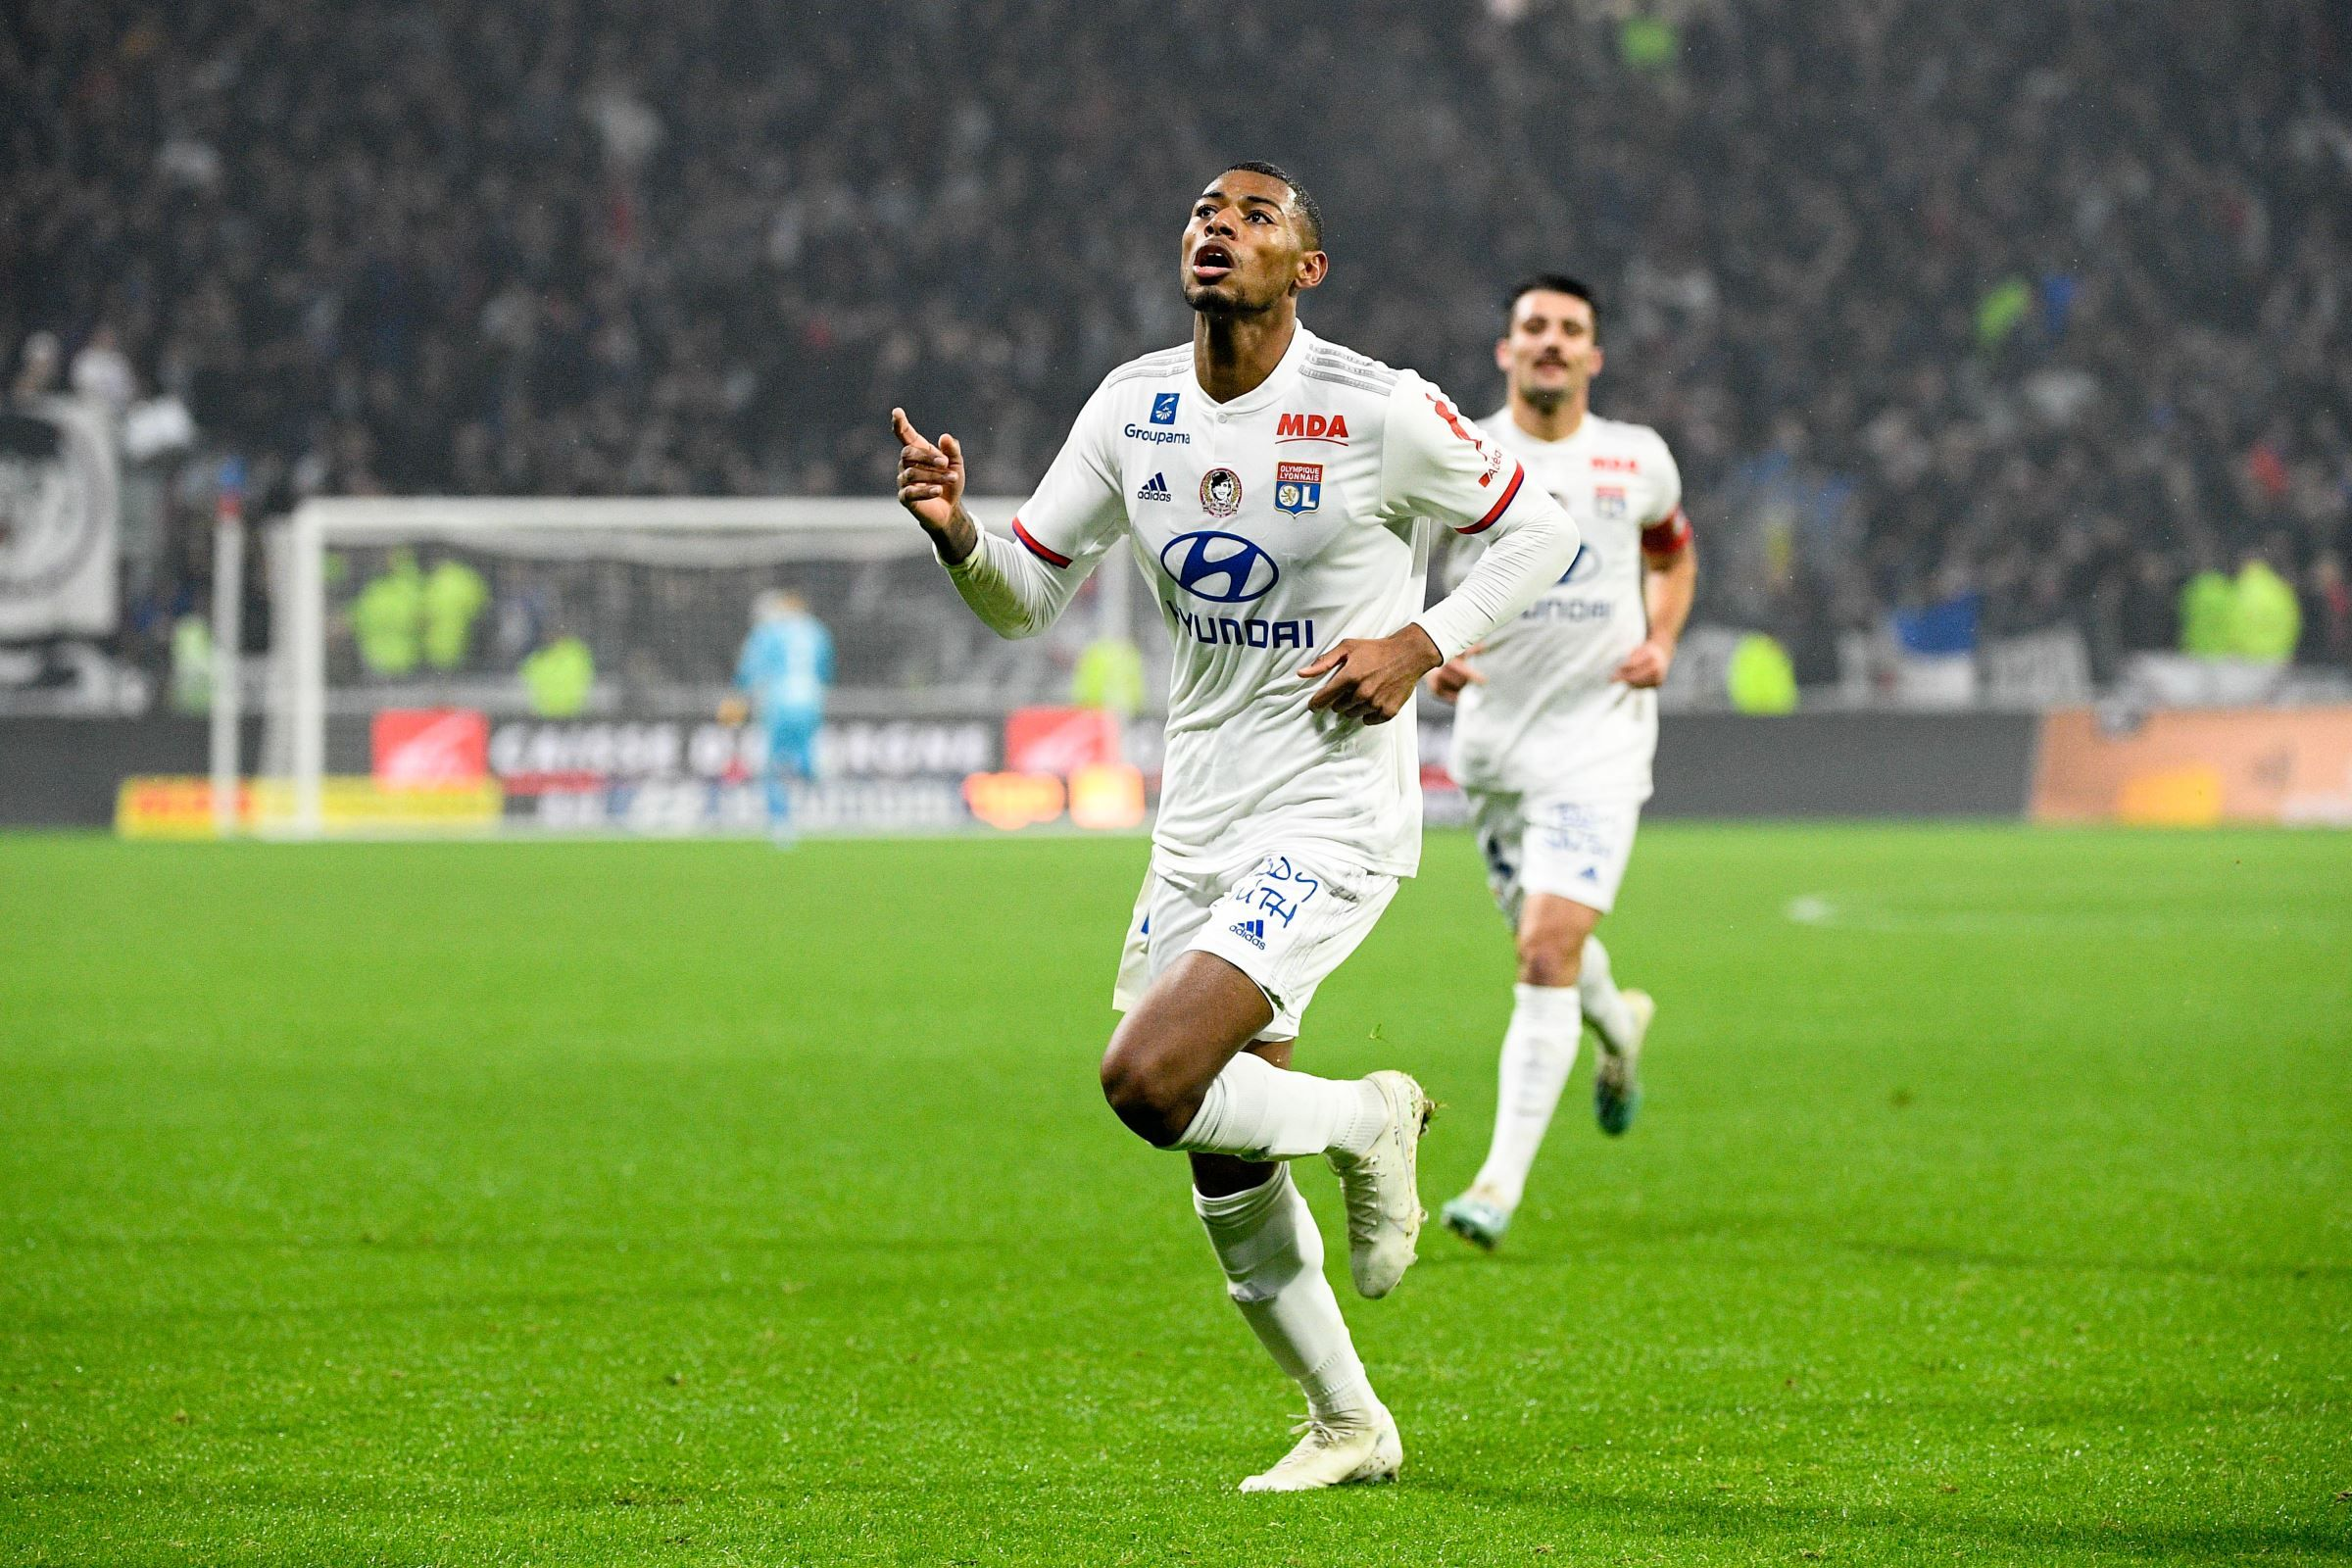 Lyon Lille Sur Quelle Chaine Voir Le Match De Ligue 1 A La Television Et En Streaming Lille Christophe Galtier Ligue 1